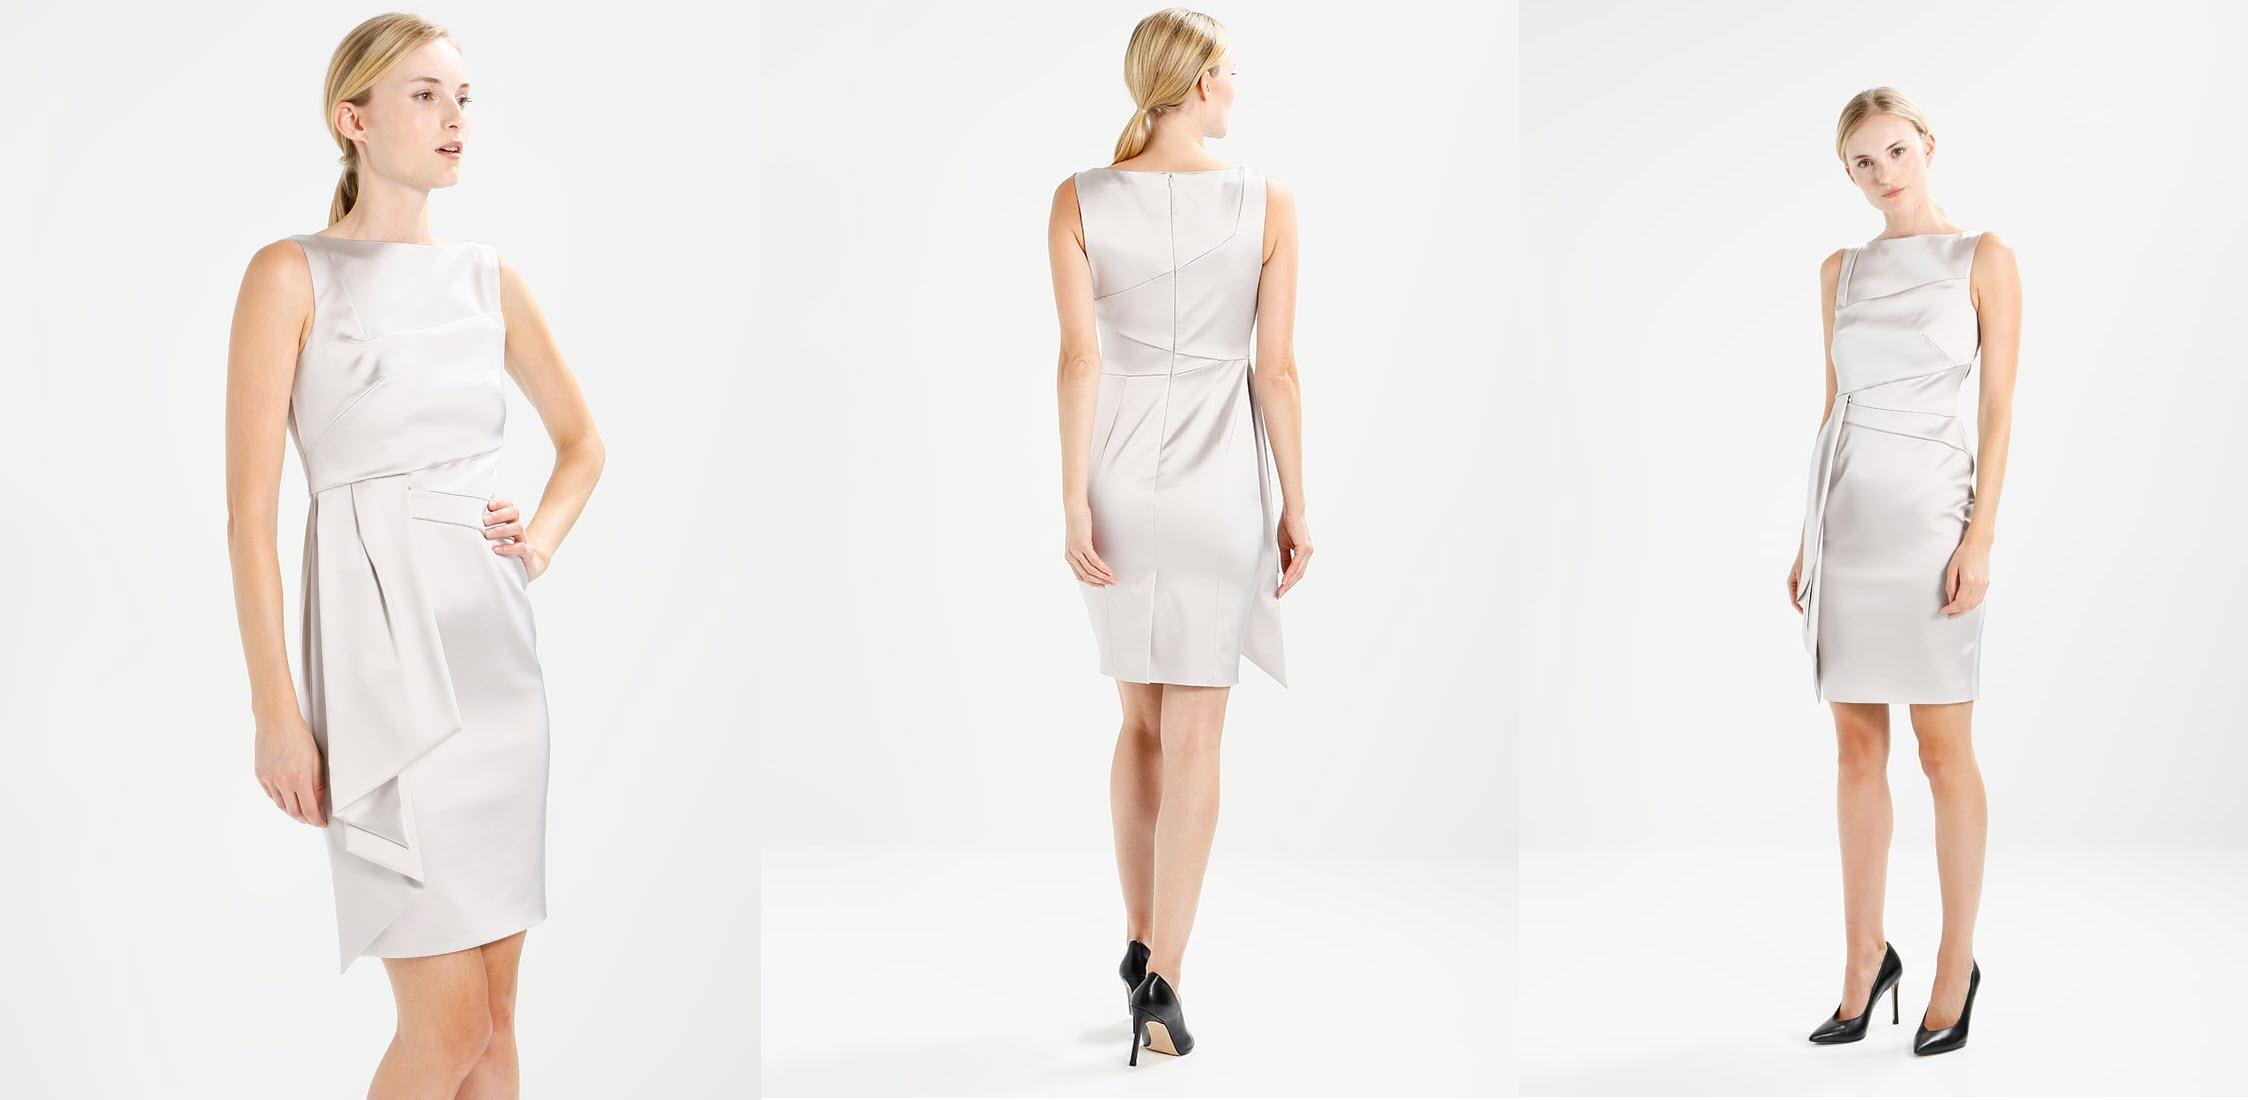 srebrna sukienka na sylwestra bez rękawów